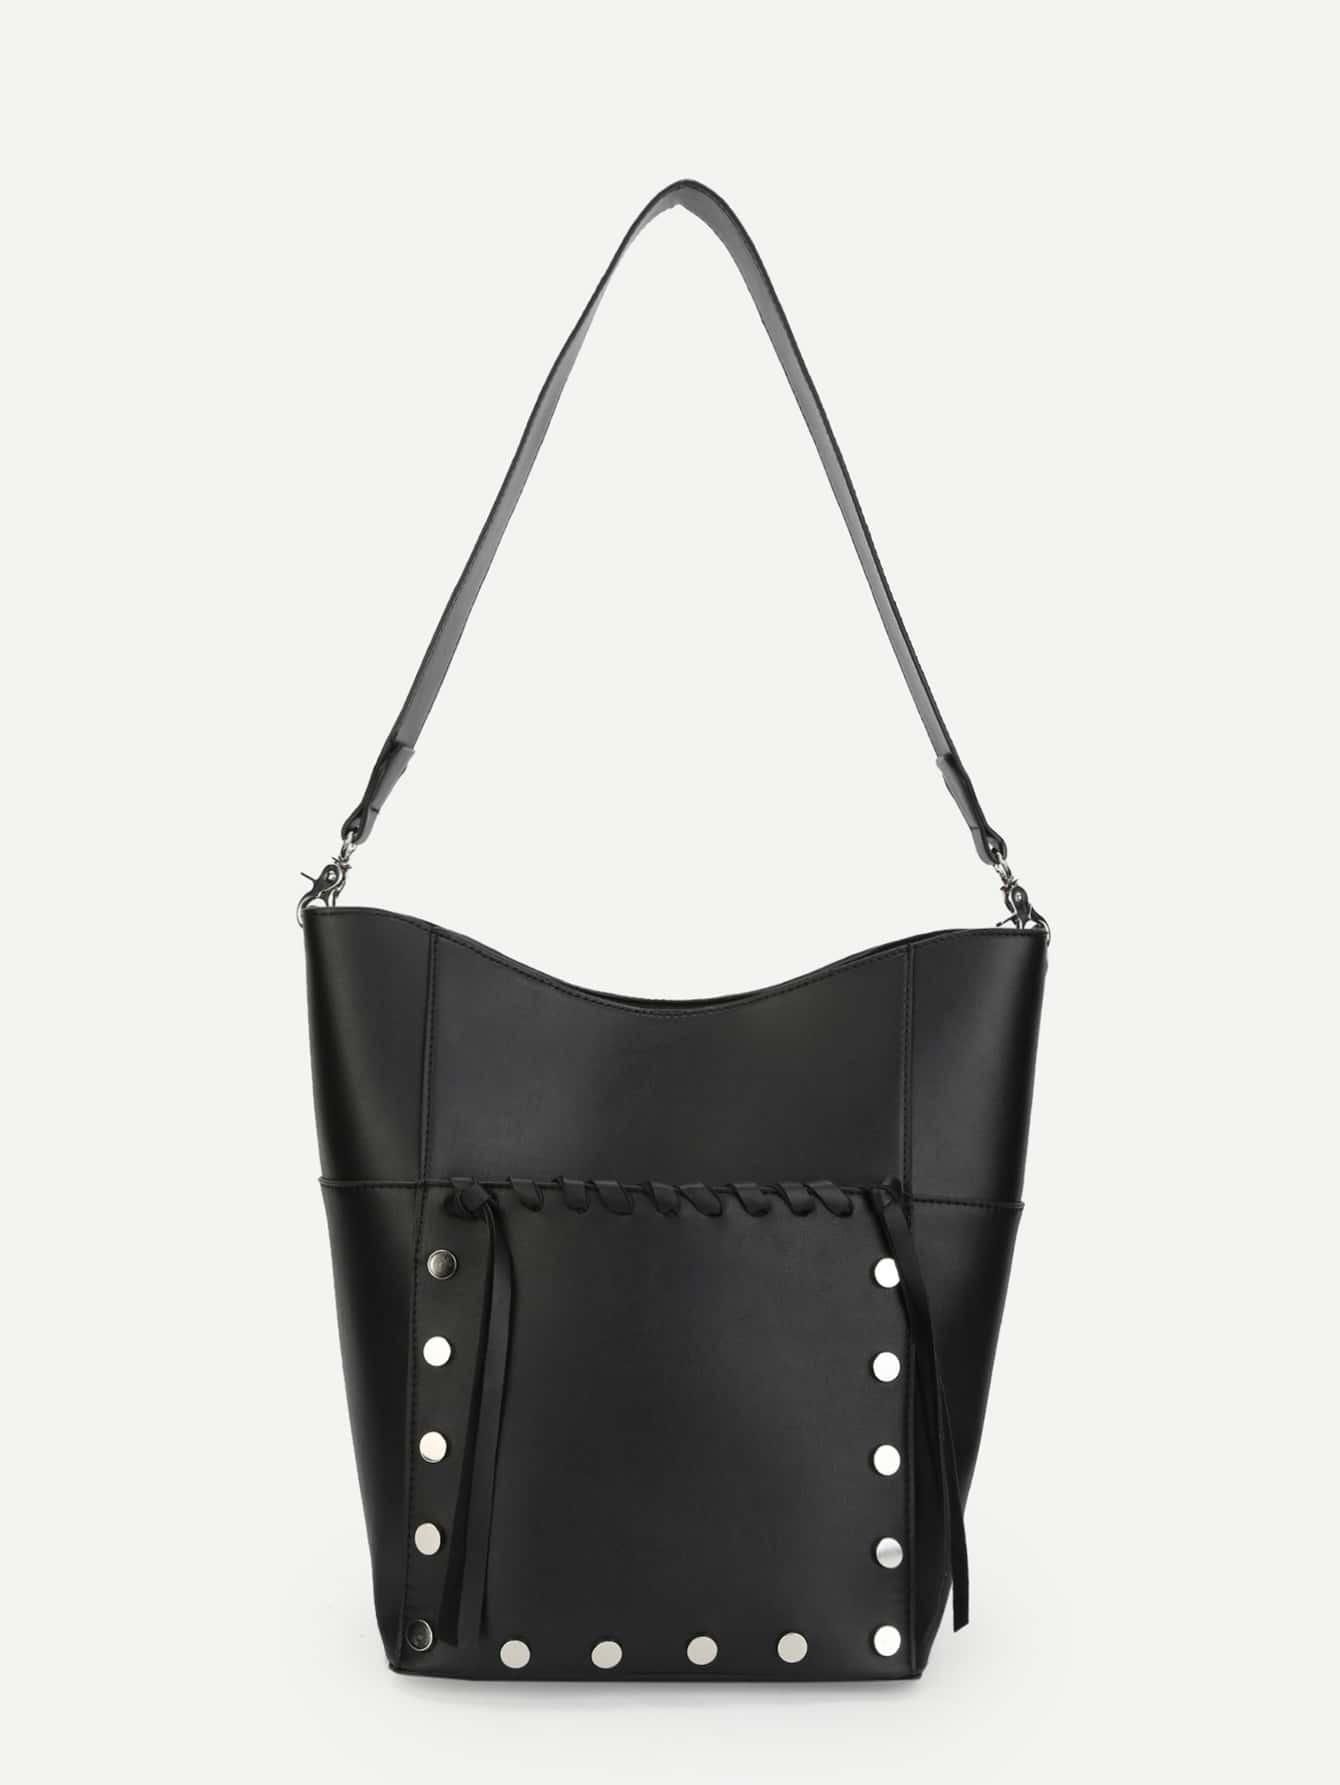 Купить Шипованный Наплечные сумки чёрный Сумки, null, SheIn